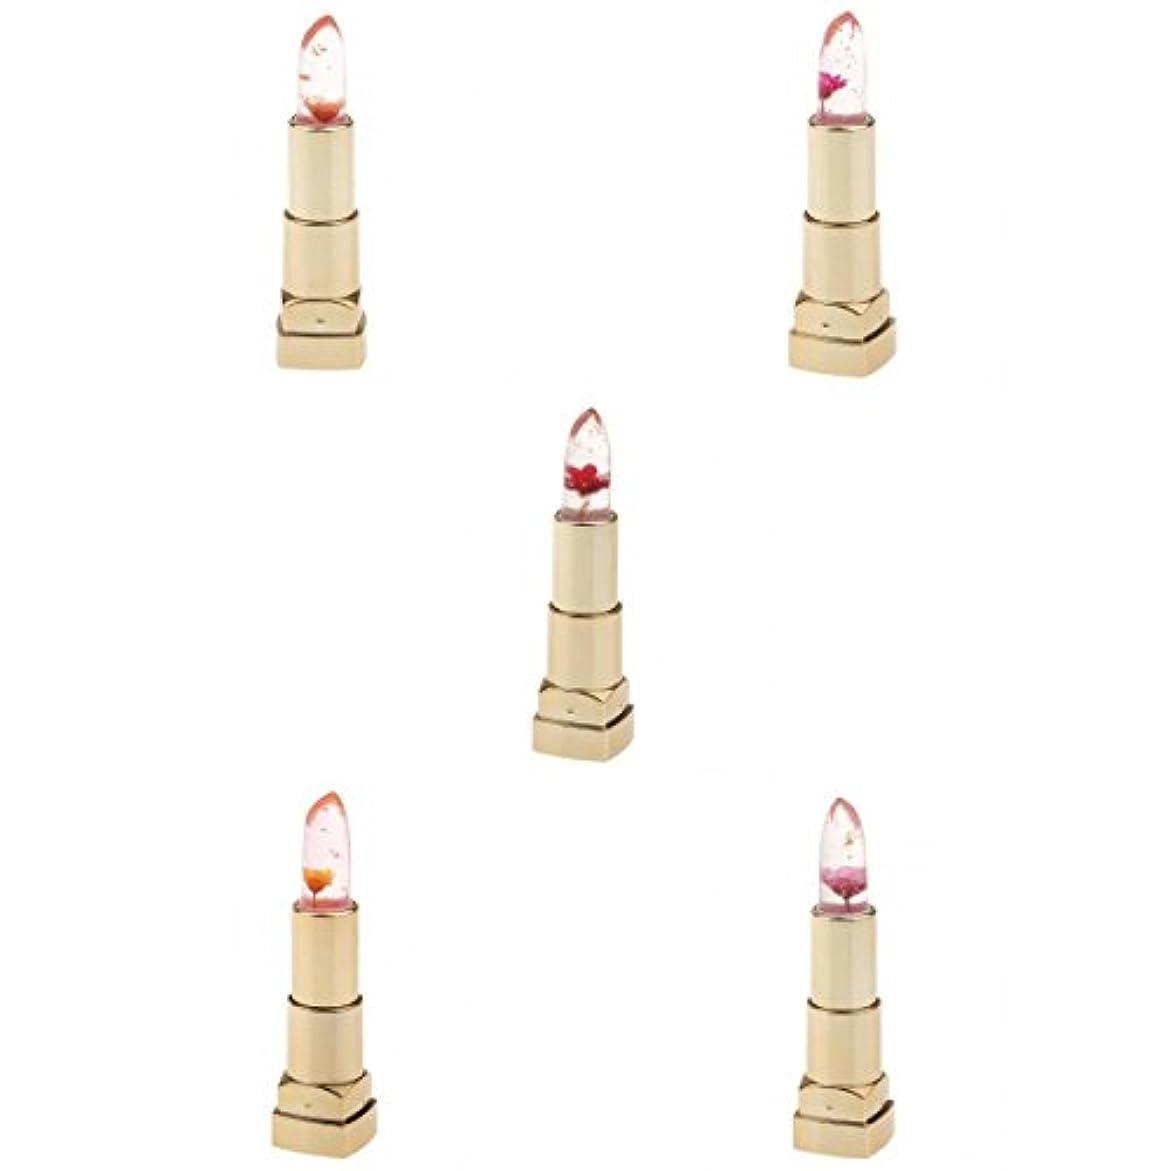 エントリ円周鍔温度変化口紅 フラワー リップスティック メイクアップ 潤い 3個セット - #1